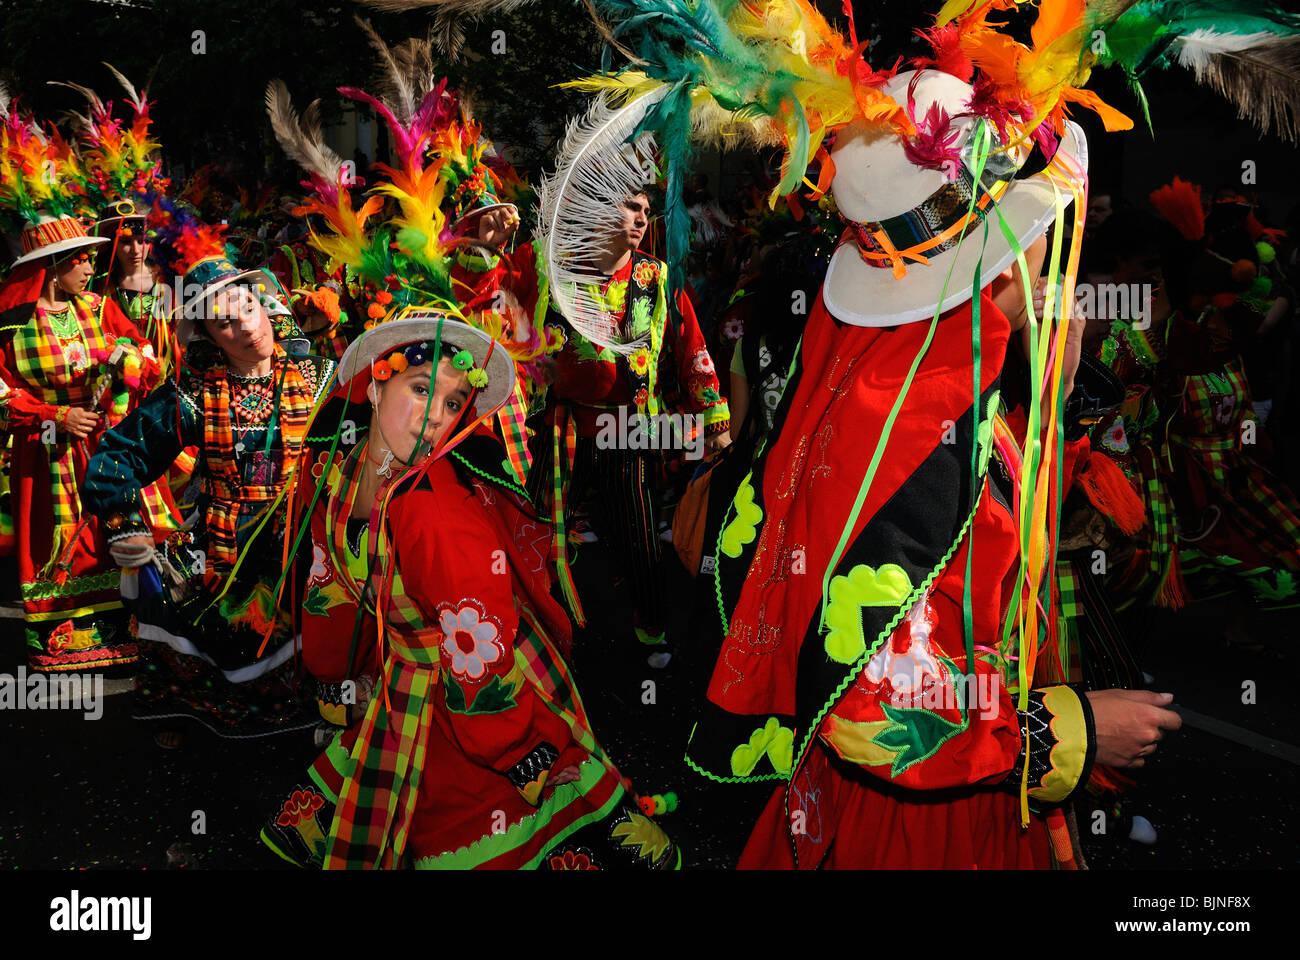 Karneval der Kulturen, Carnival of Cultures, Berlin, Kreuzberg district, Germany, Europe - Stock Image